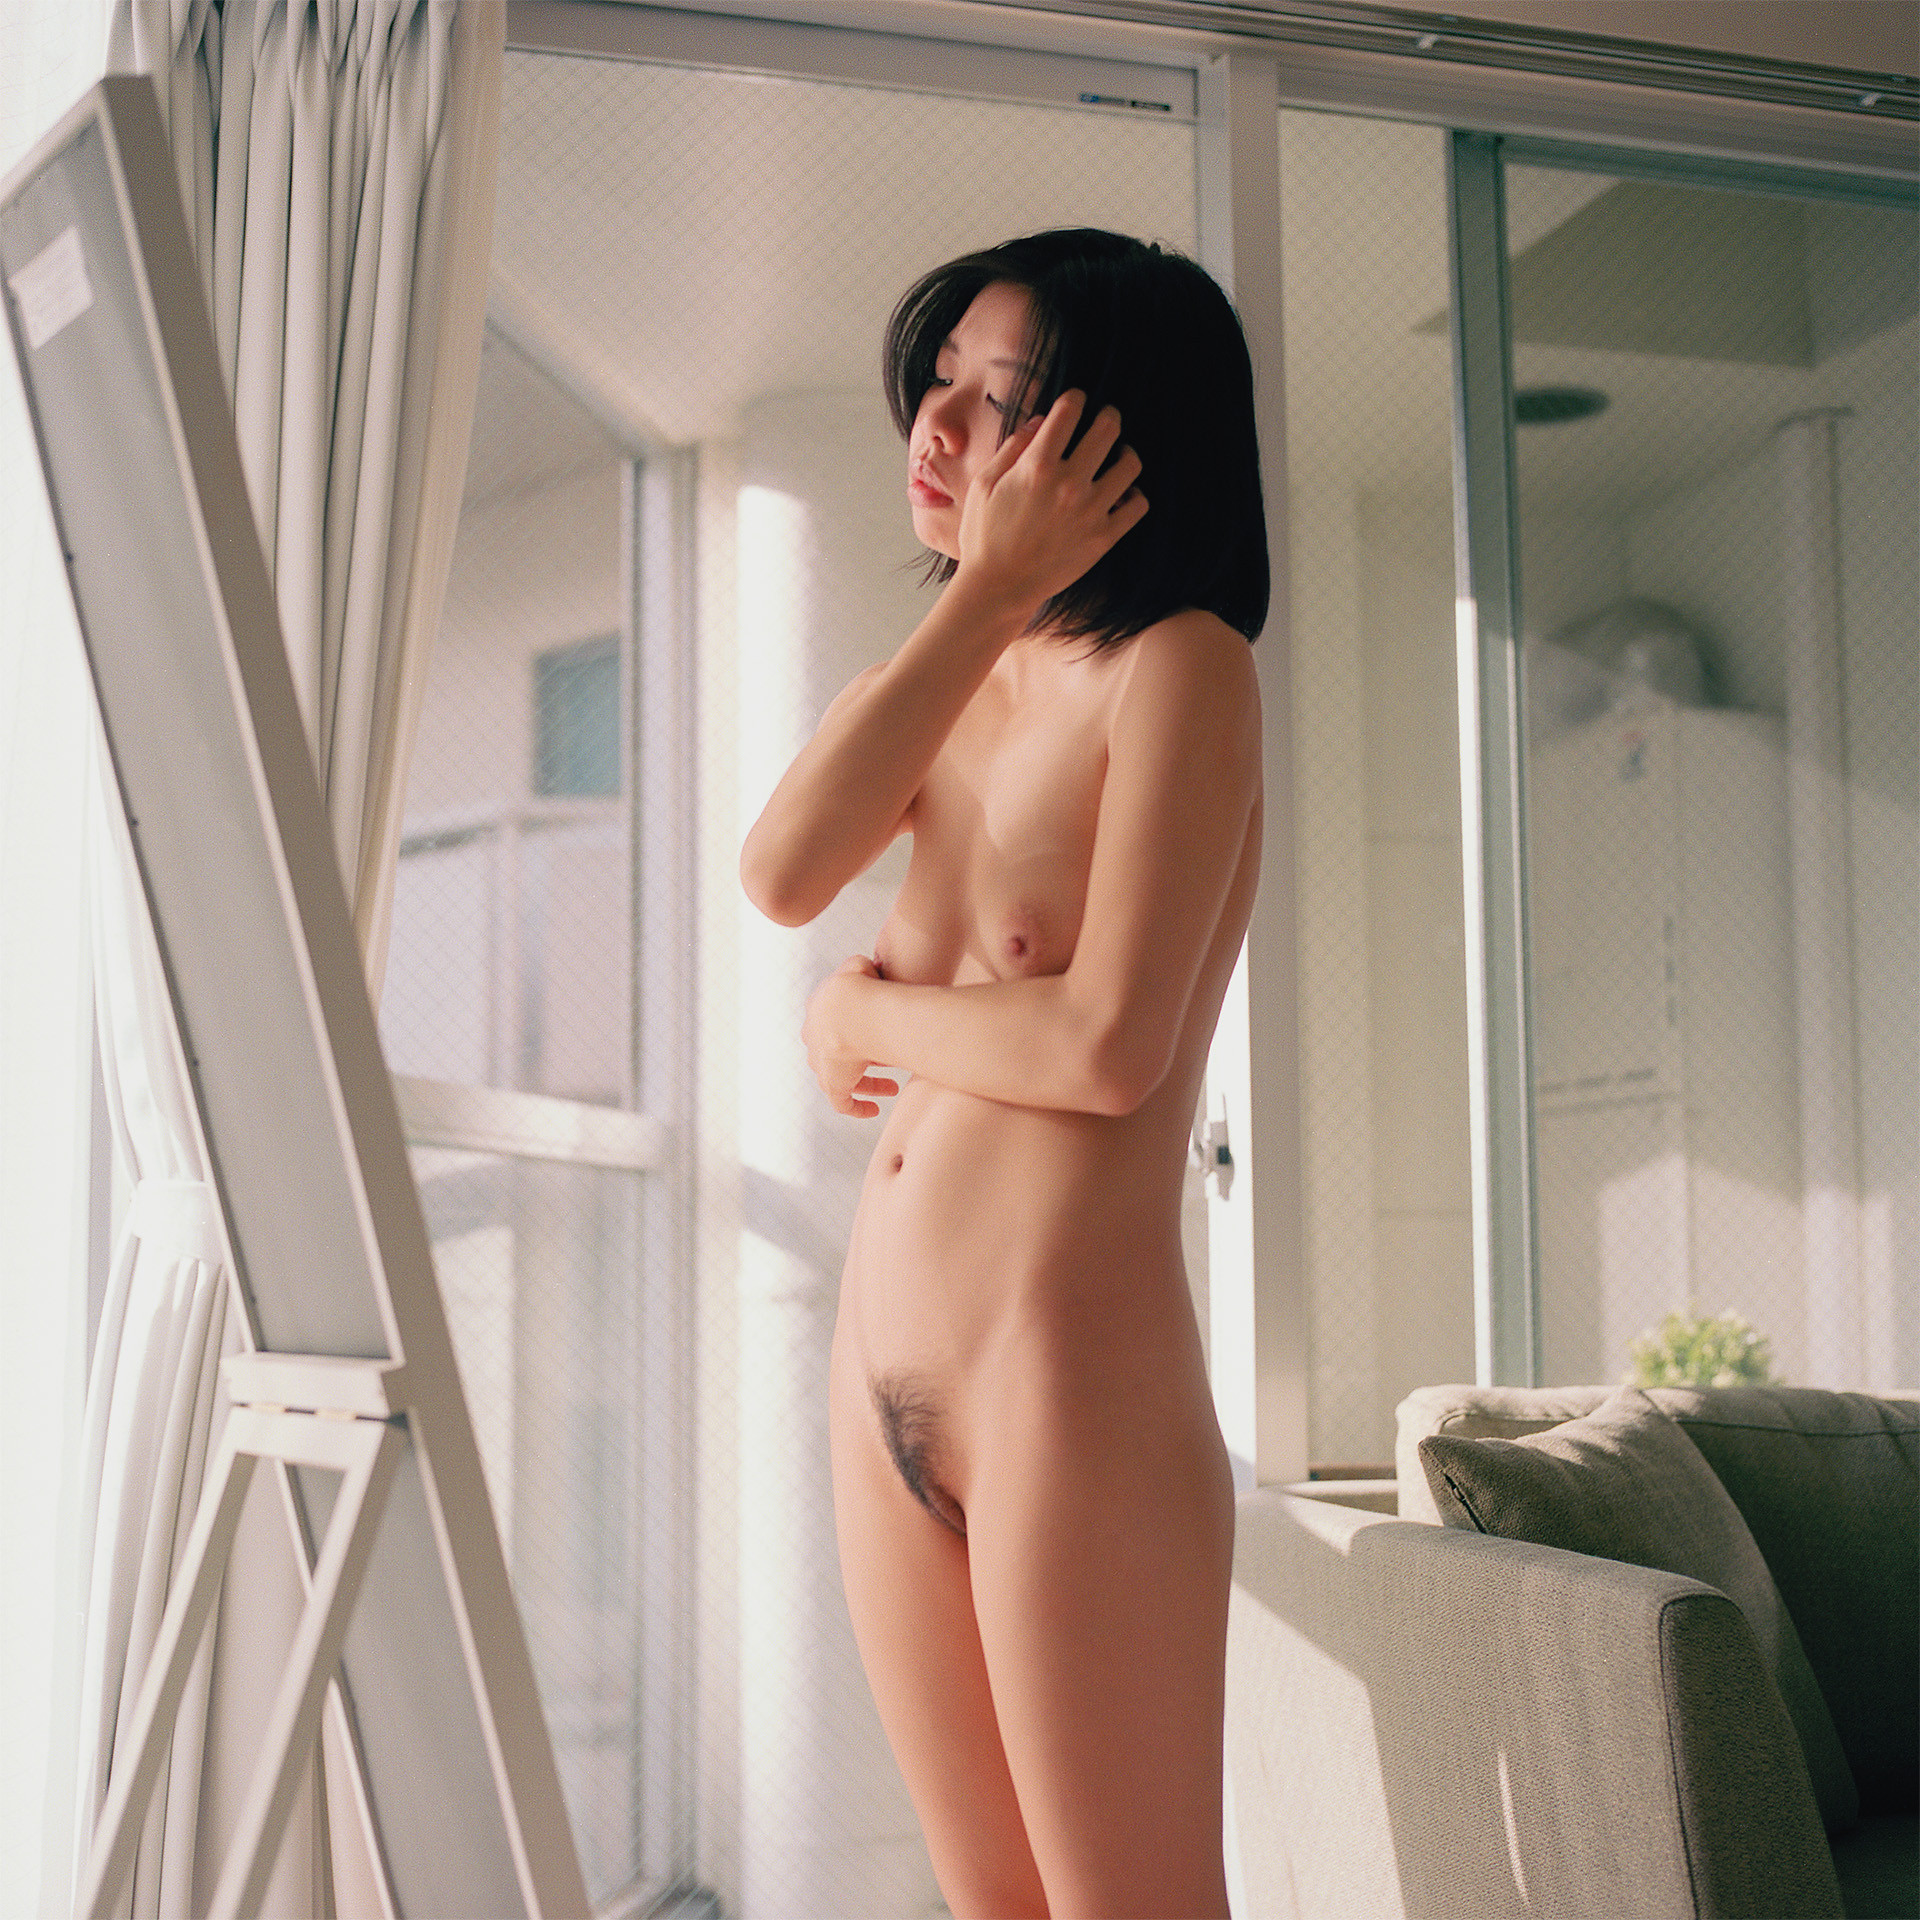 beauty_of_loneliness_16.jpg